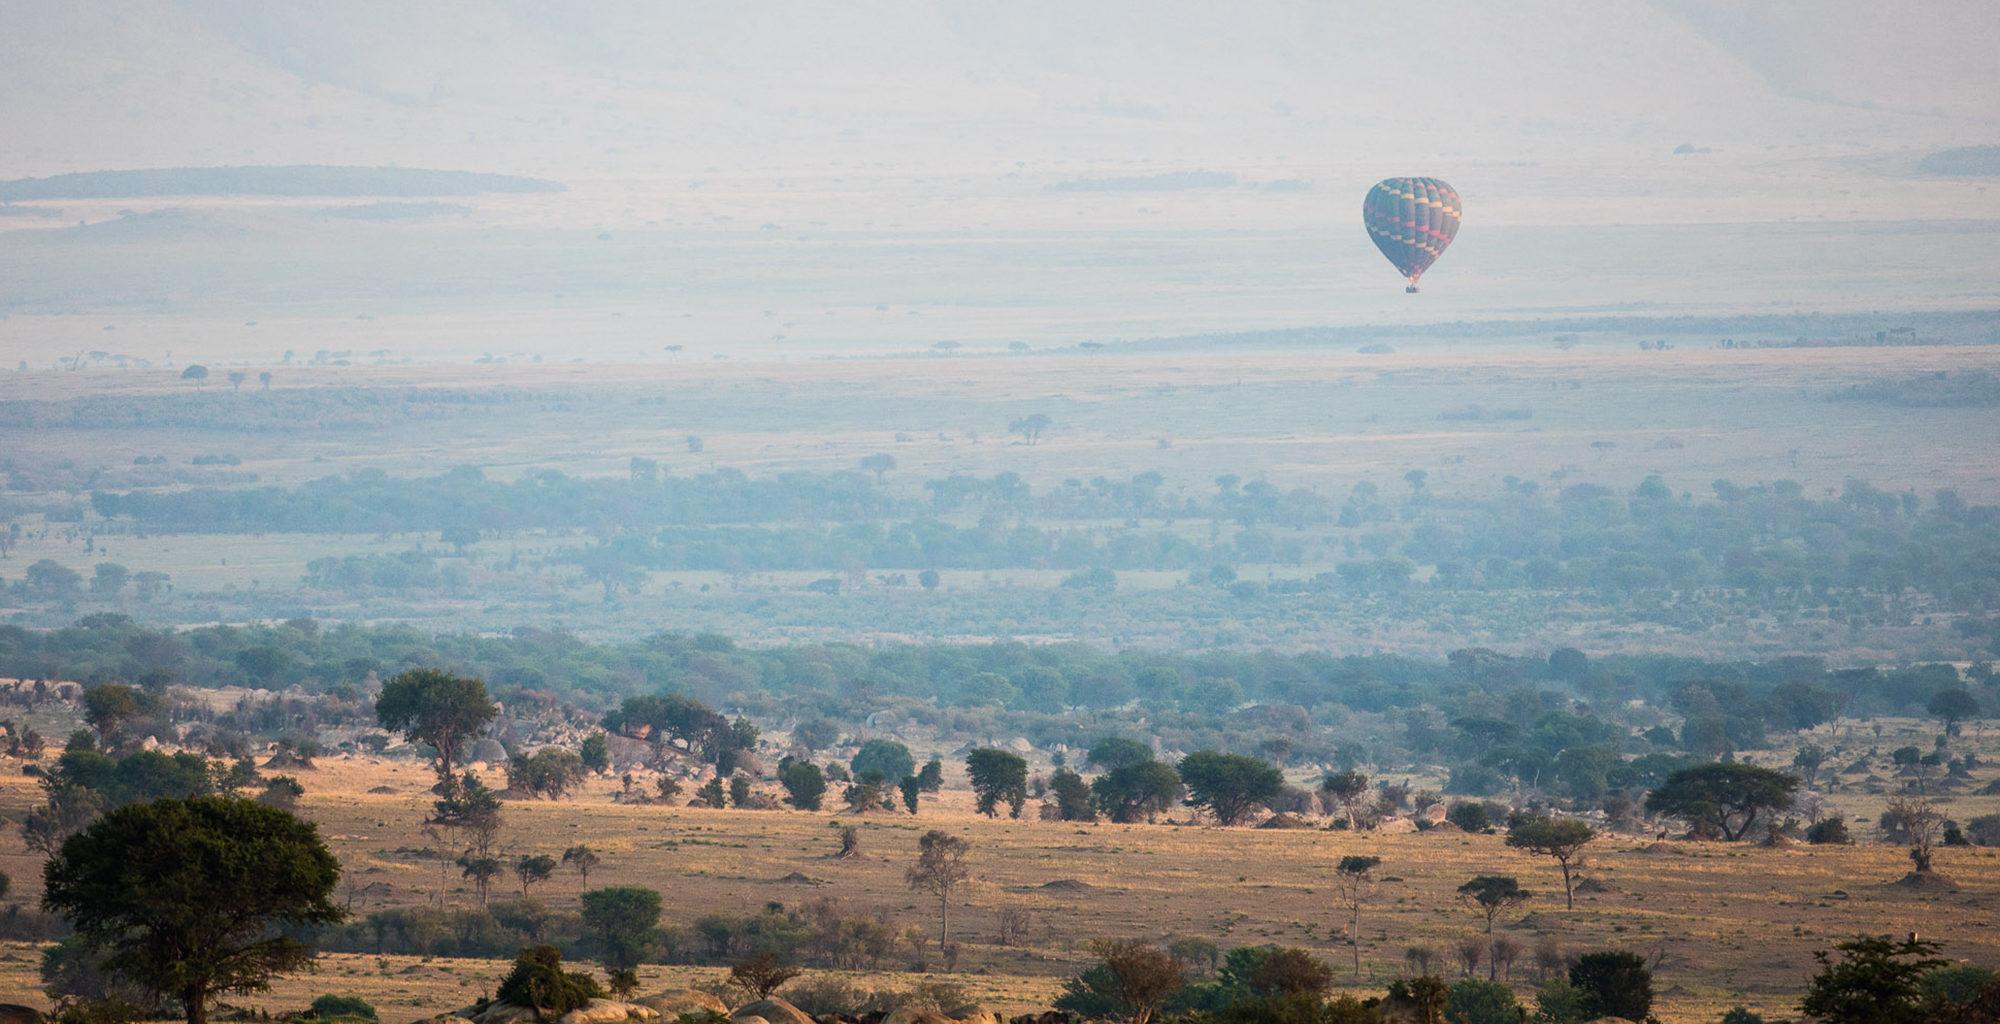 Tanzania-Serengeti-National-Park-Ballooning